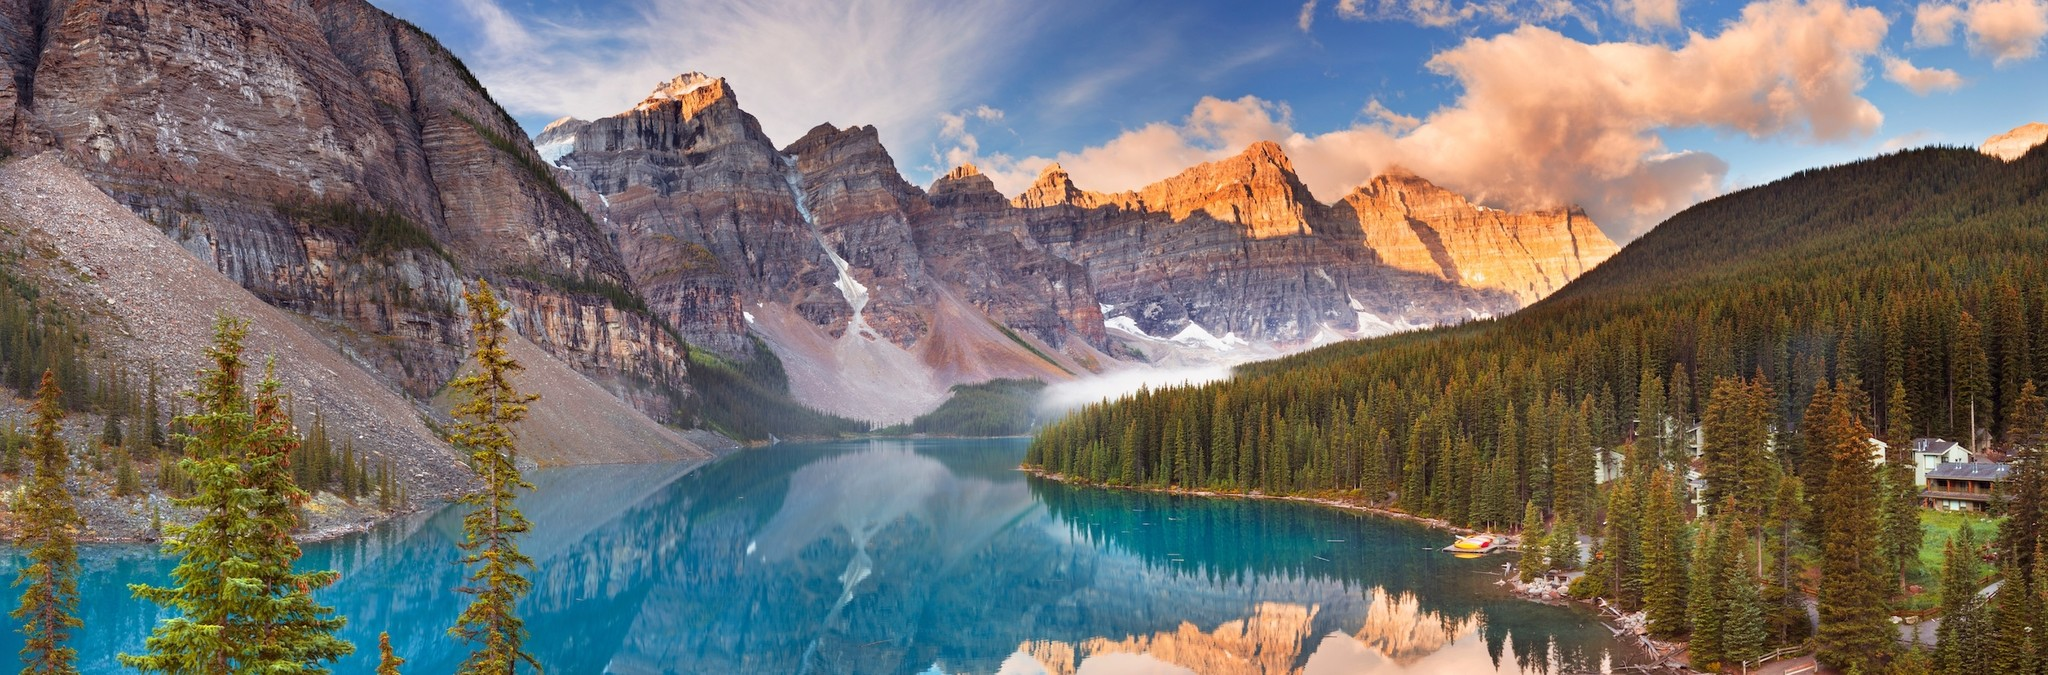 Schilderij - Morene Meer, Nationale park van Banff, Canada, panorama, 2 maten